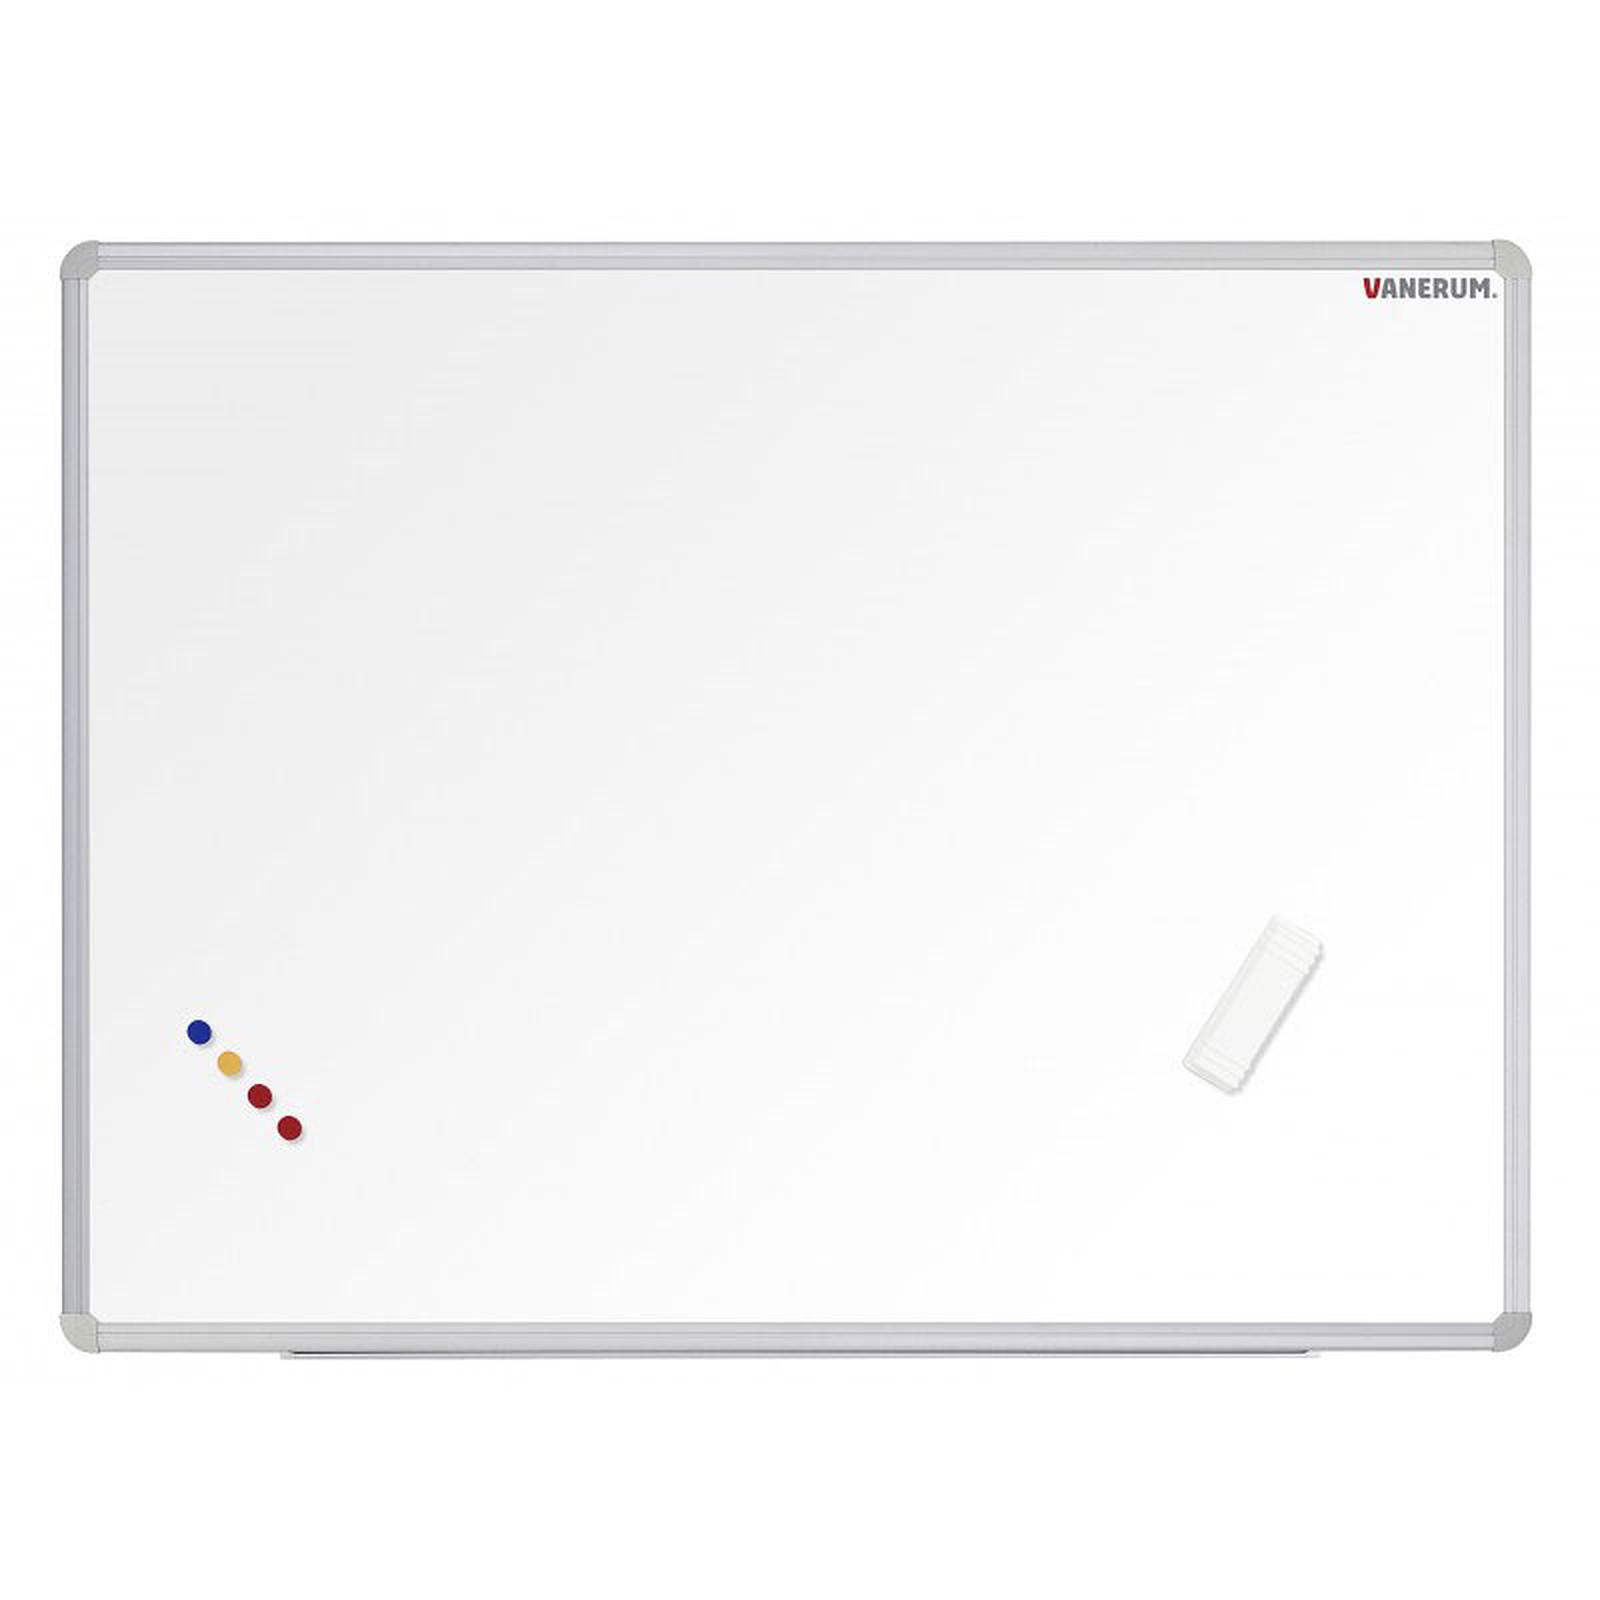 Vanerum Tableau blanc tôle laquée 200 x 120 cm